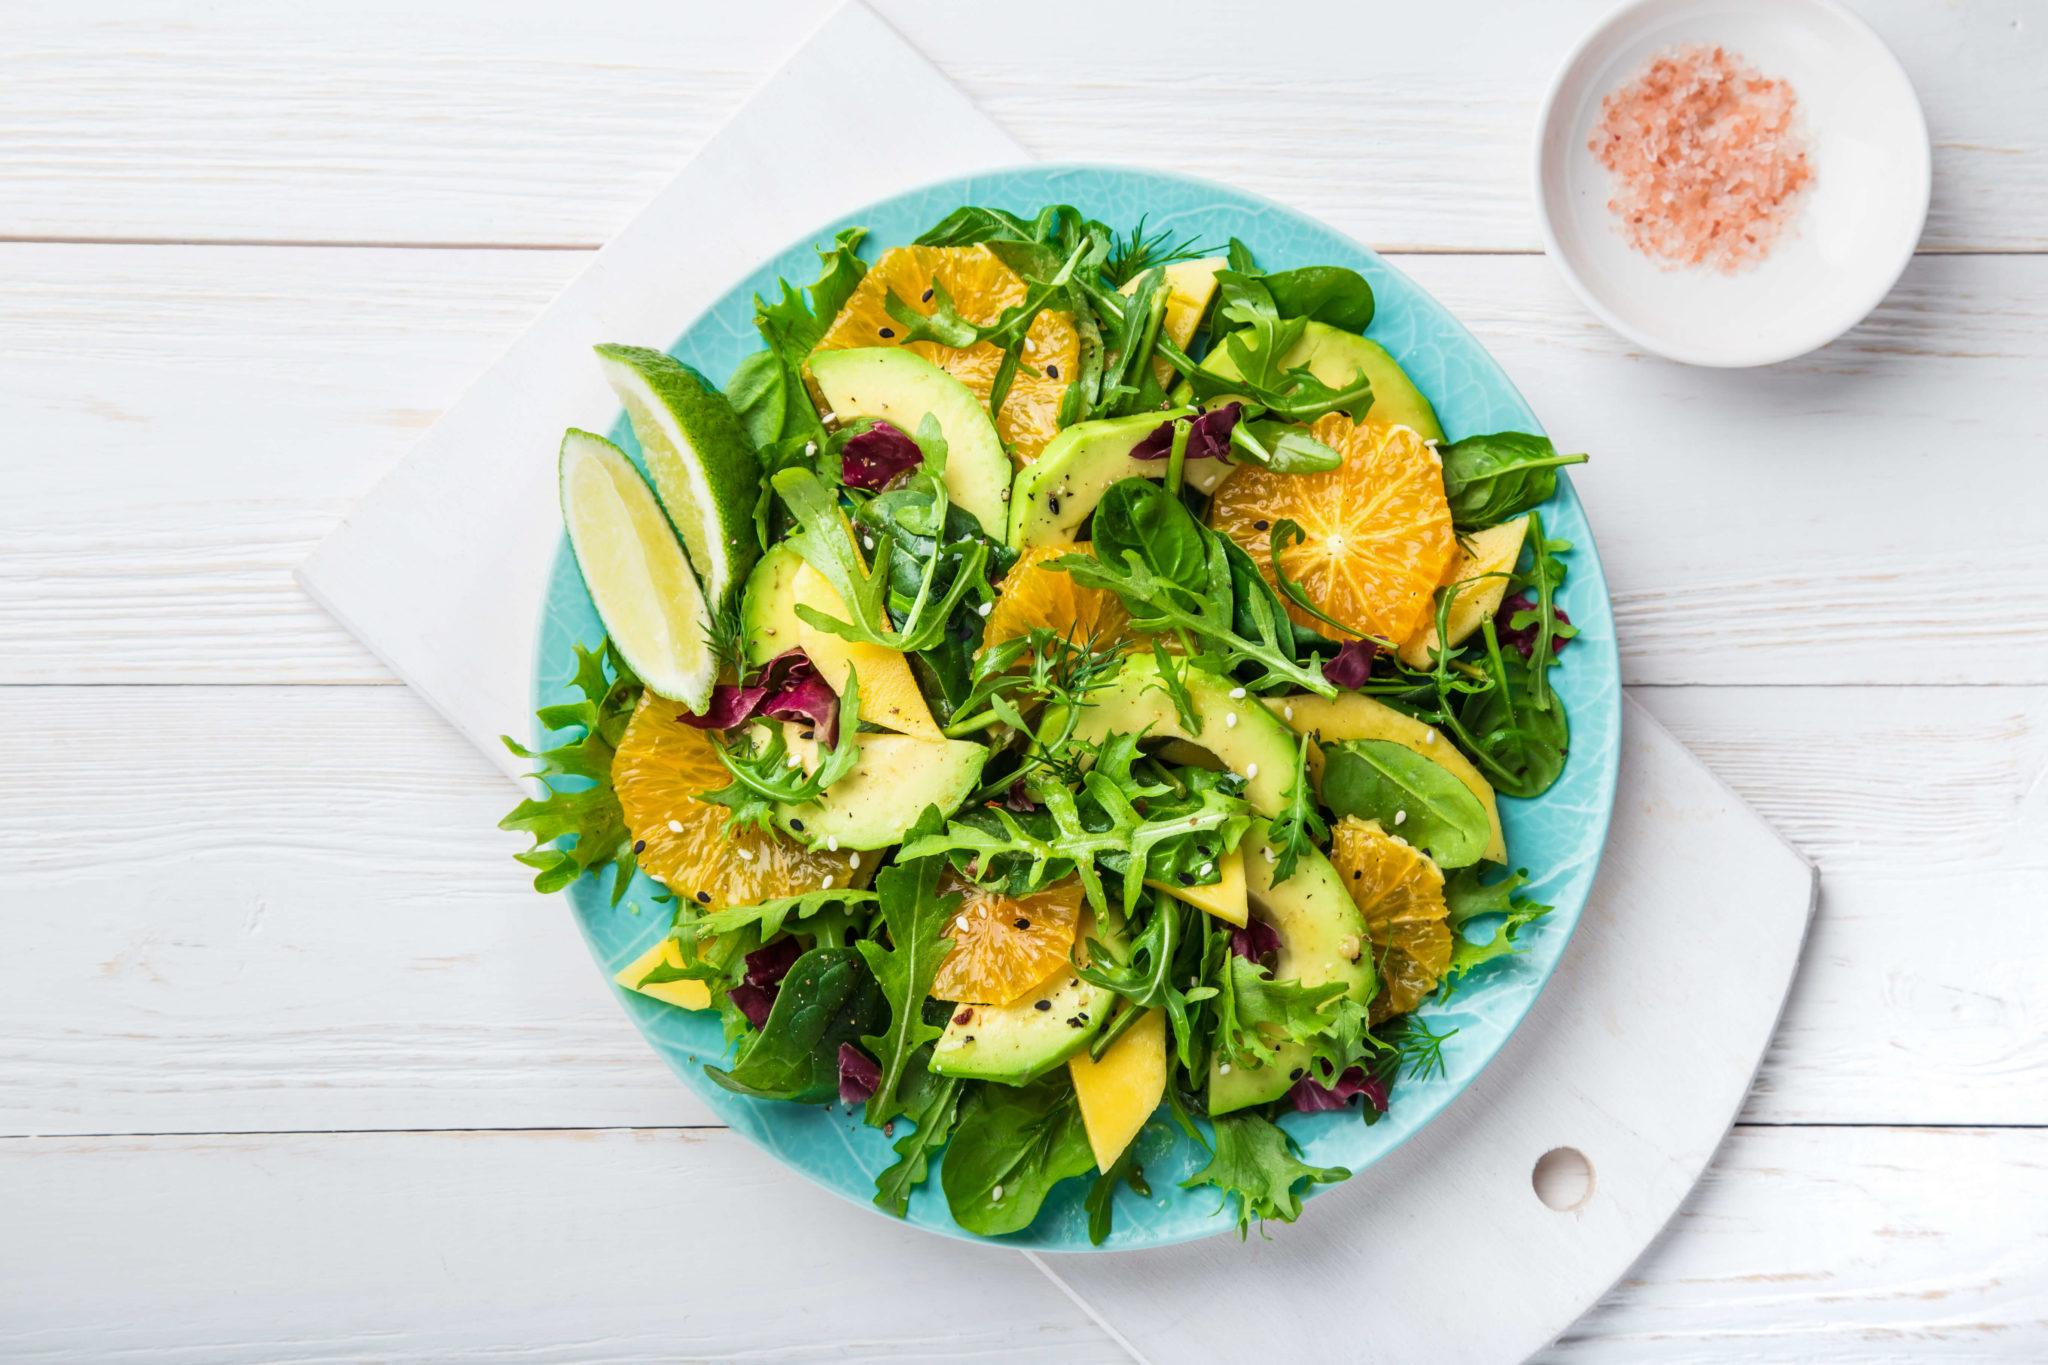 Upfit Orangen-Avocado-Mango-Salat